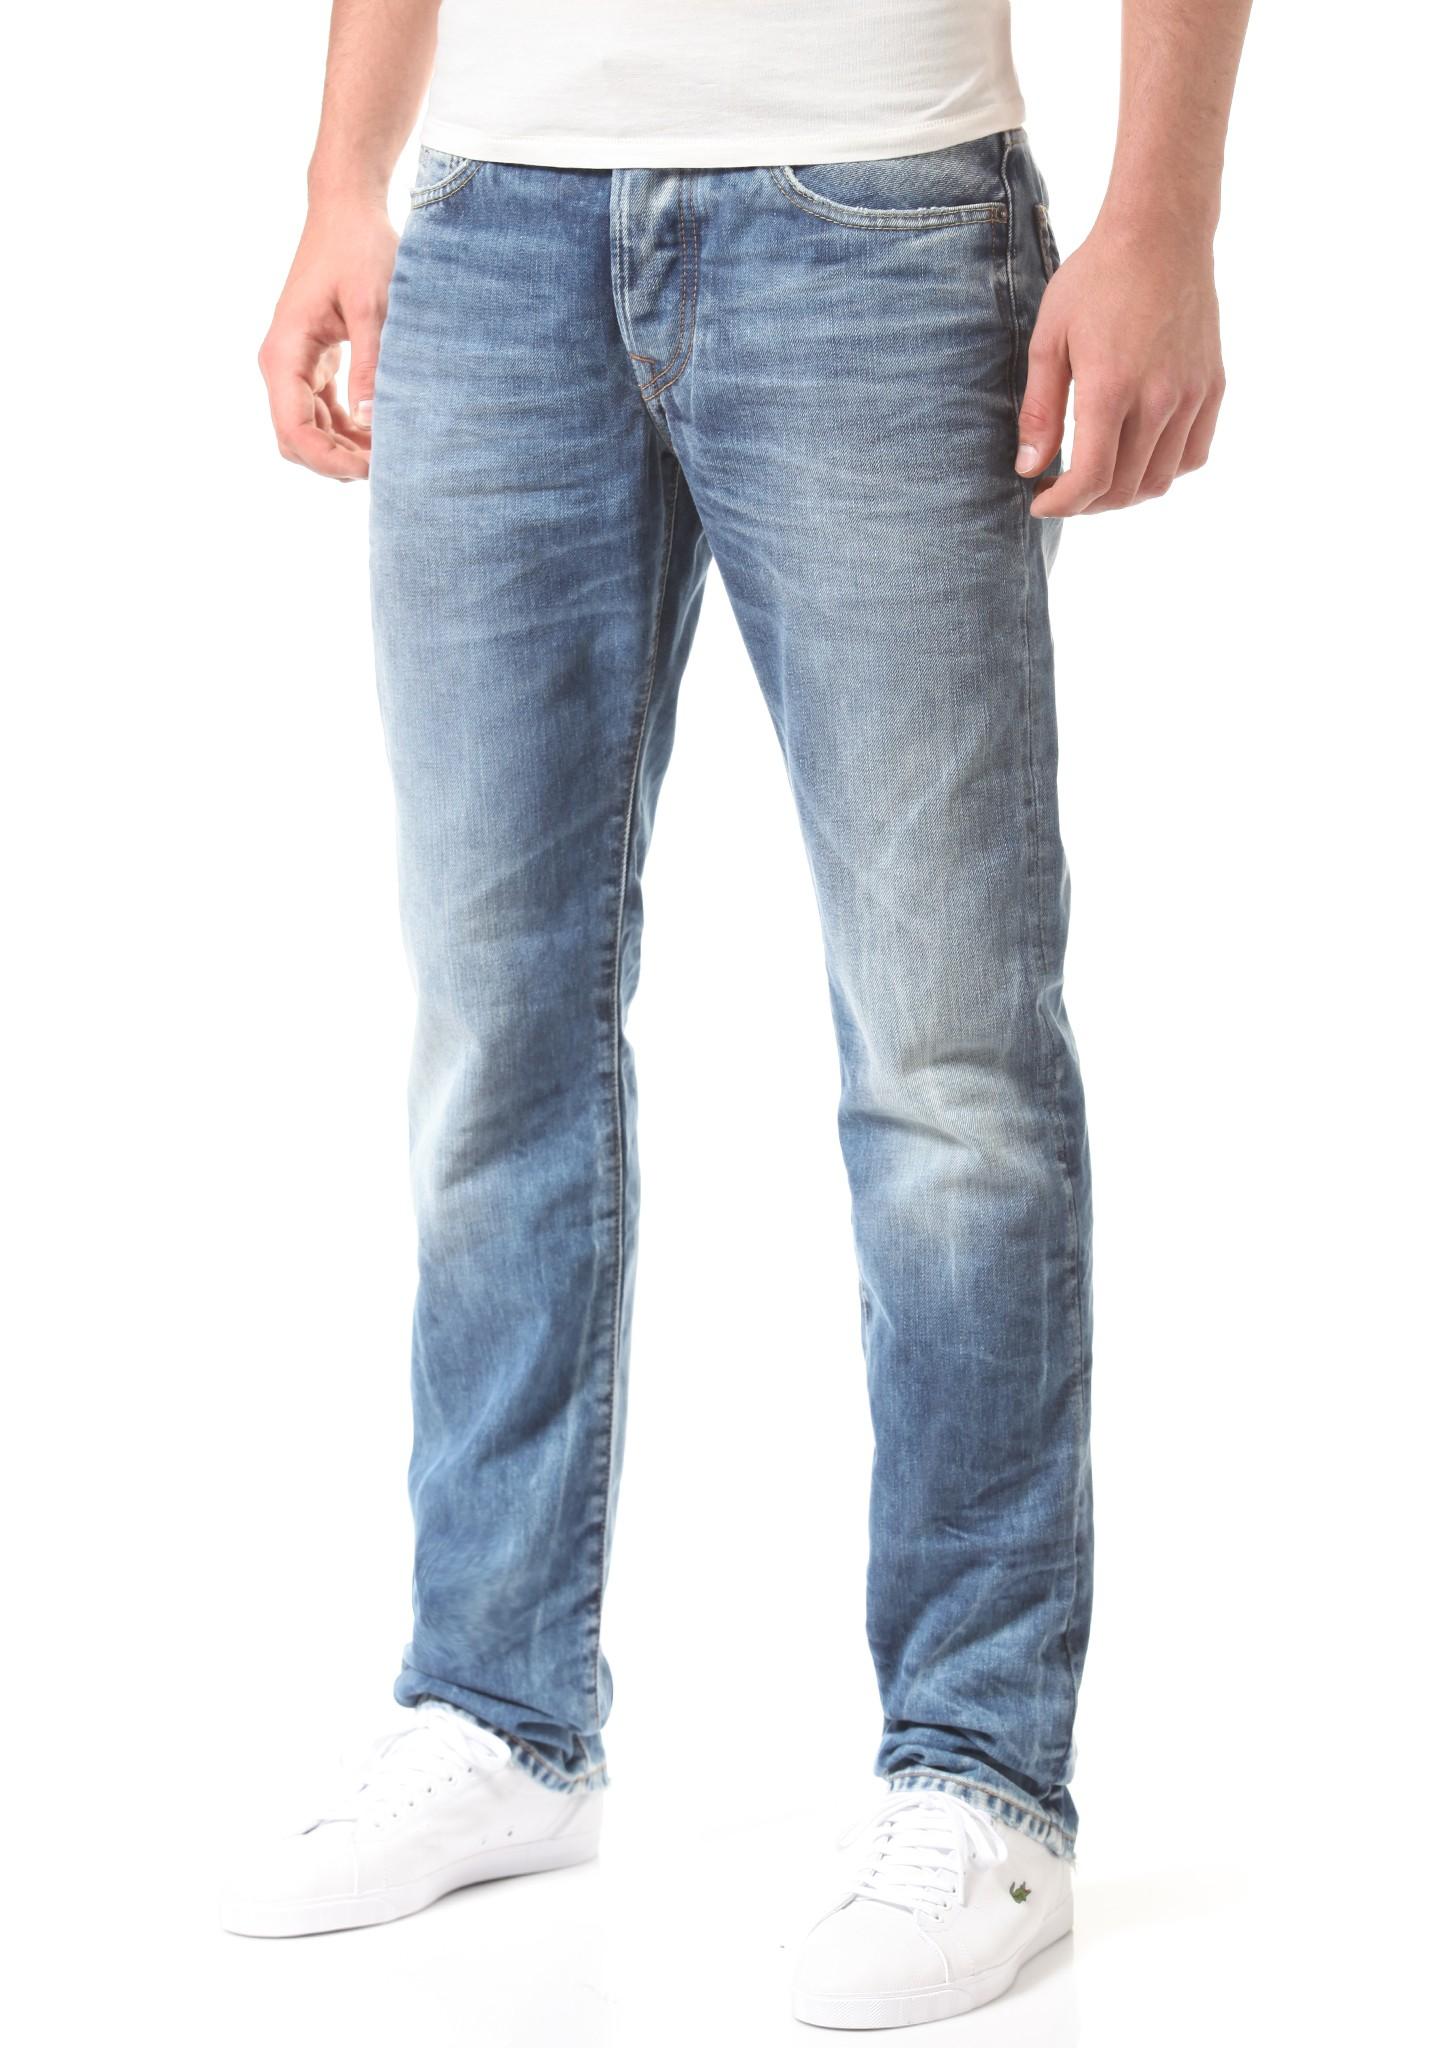 neu pepe jeans edition herren jeans hose ebay. Black Bedroom Furniture Sets. Home Design Ideas